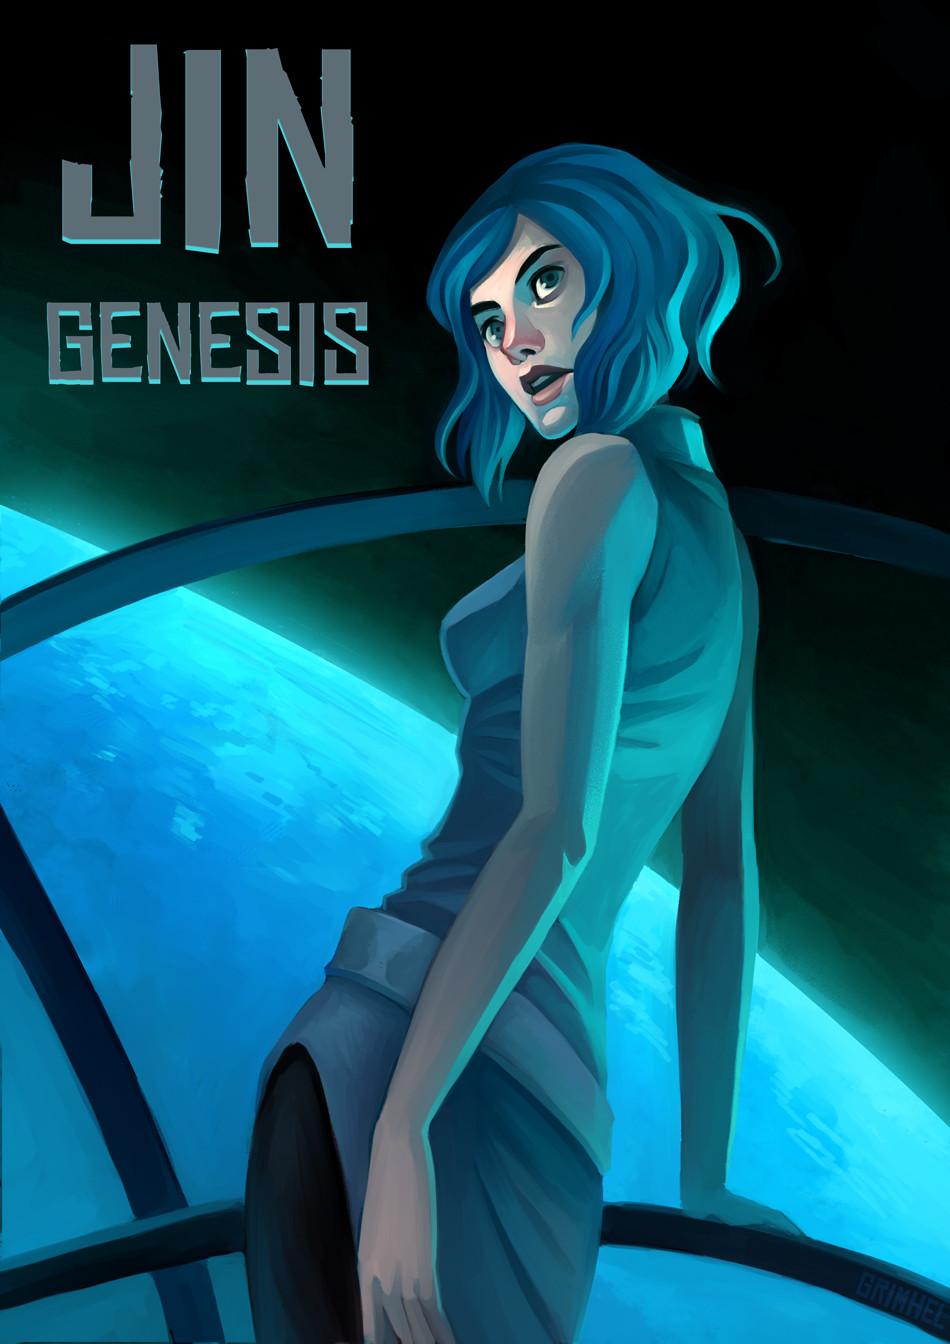 Phi - Jin Genesis